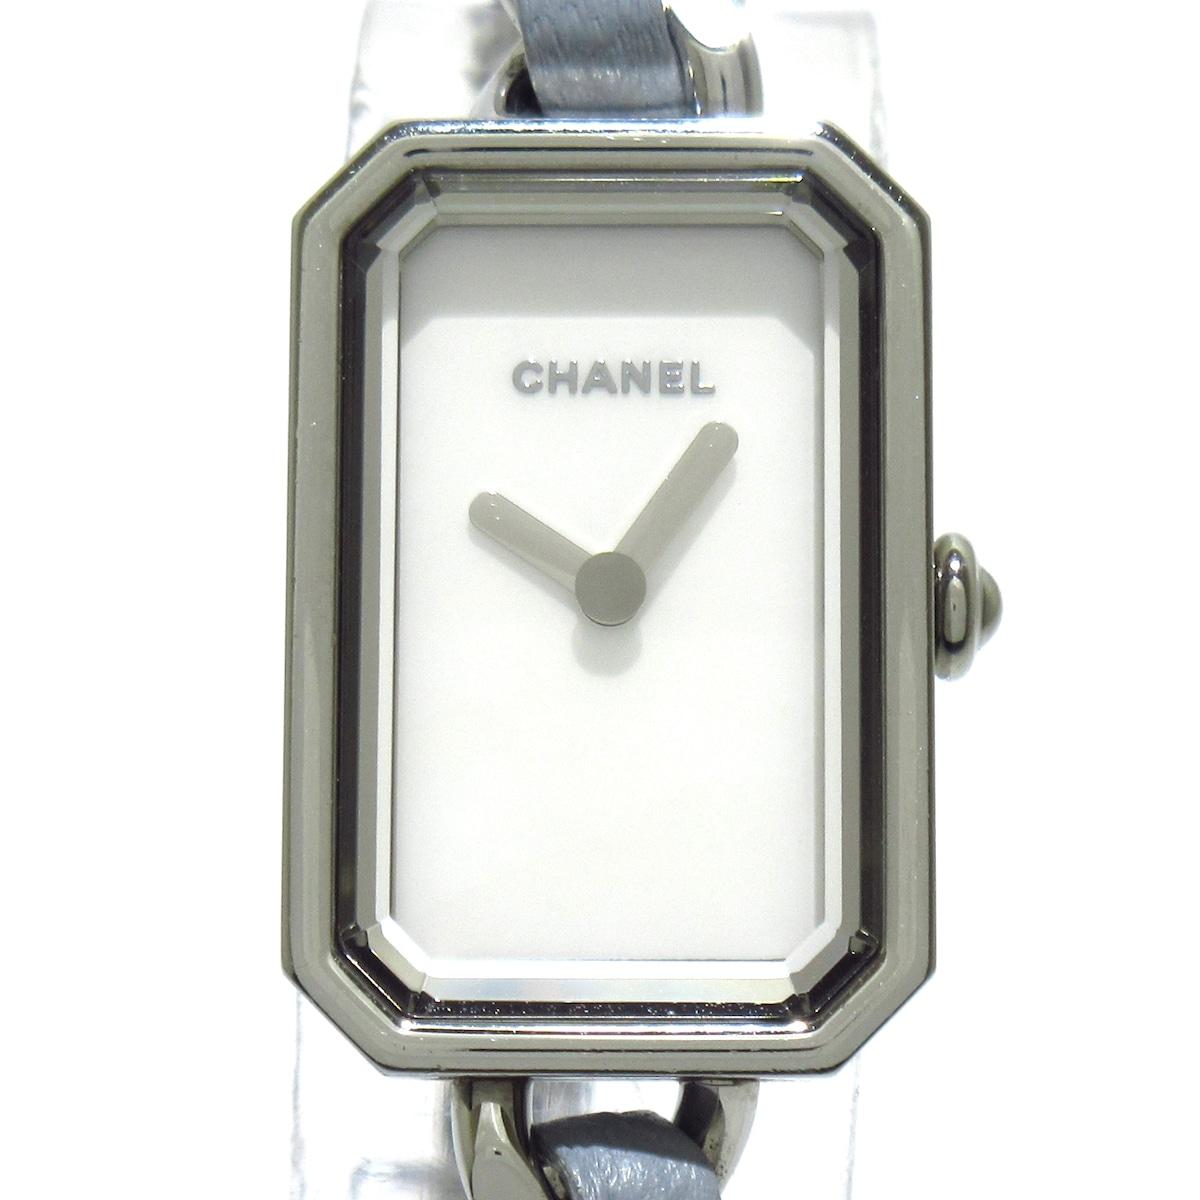 CHANEL(シャネル)のプルミエール ロック